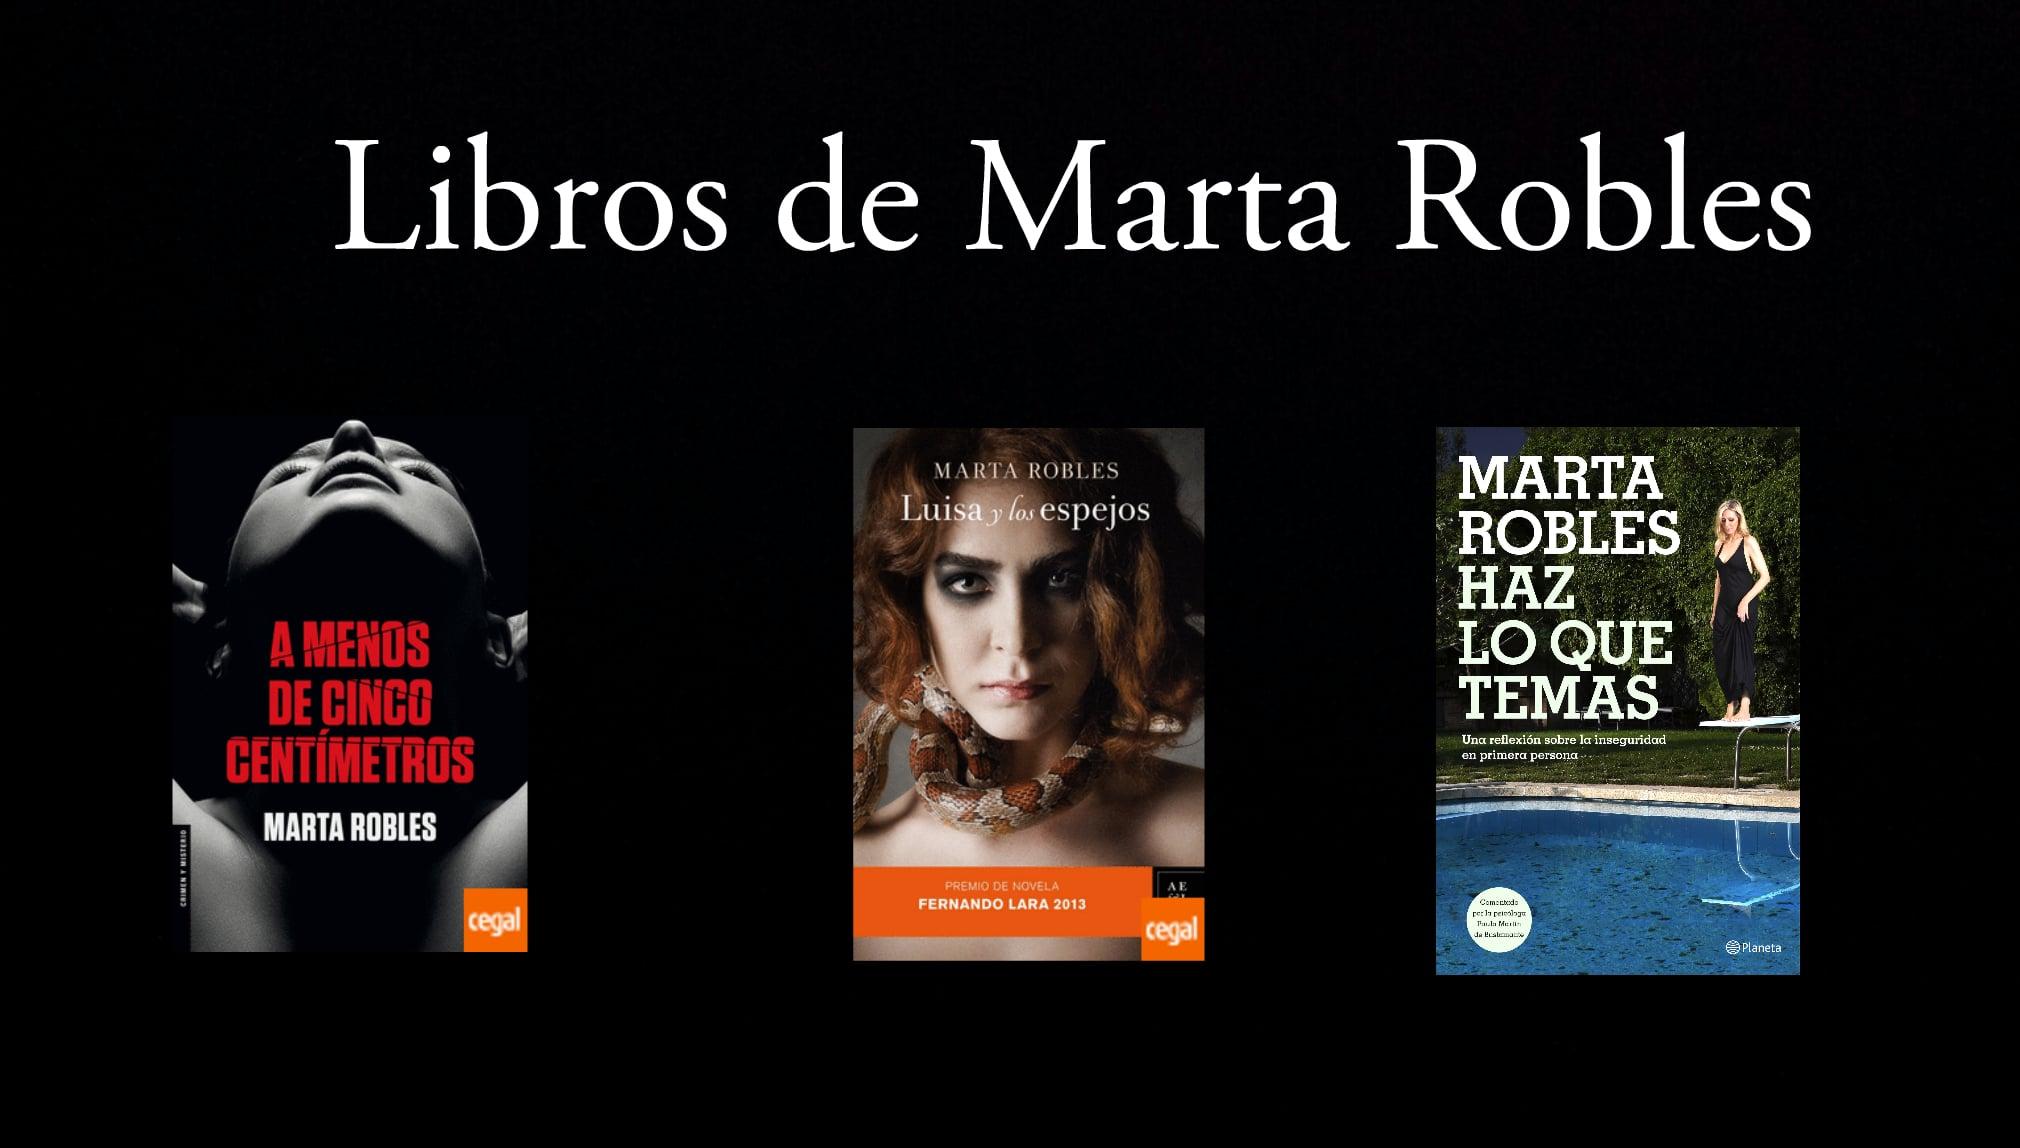 Libros de Marta Robles.